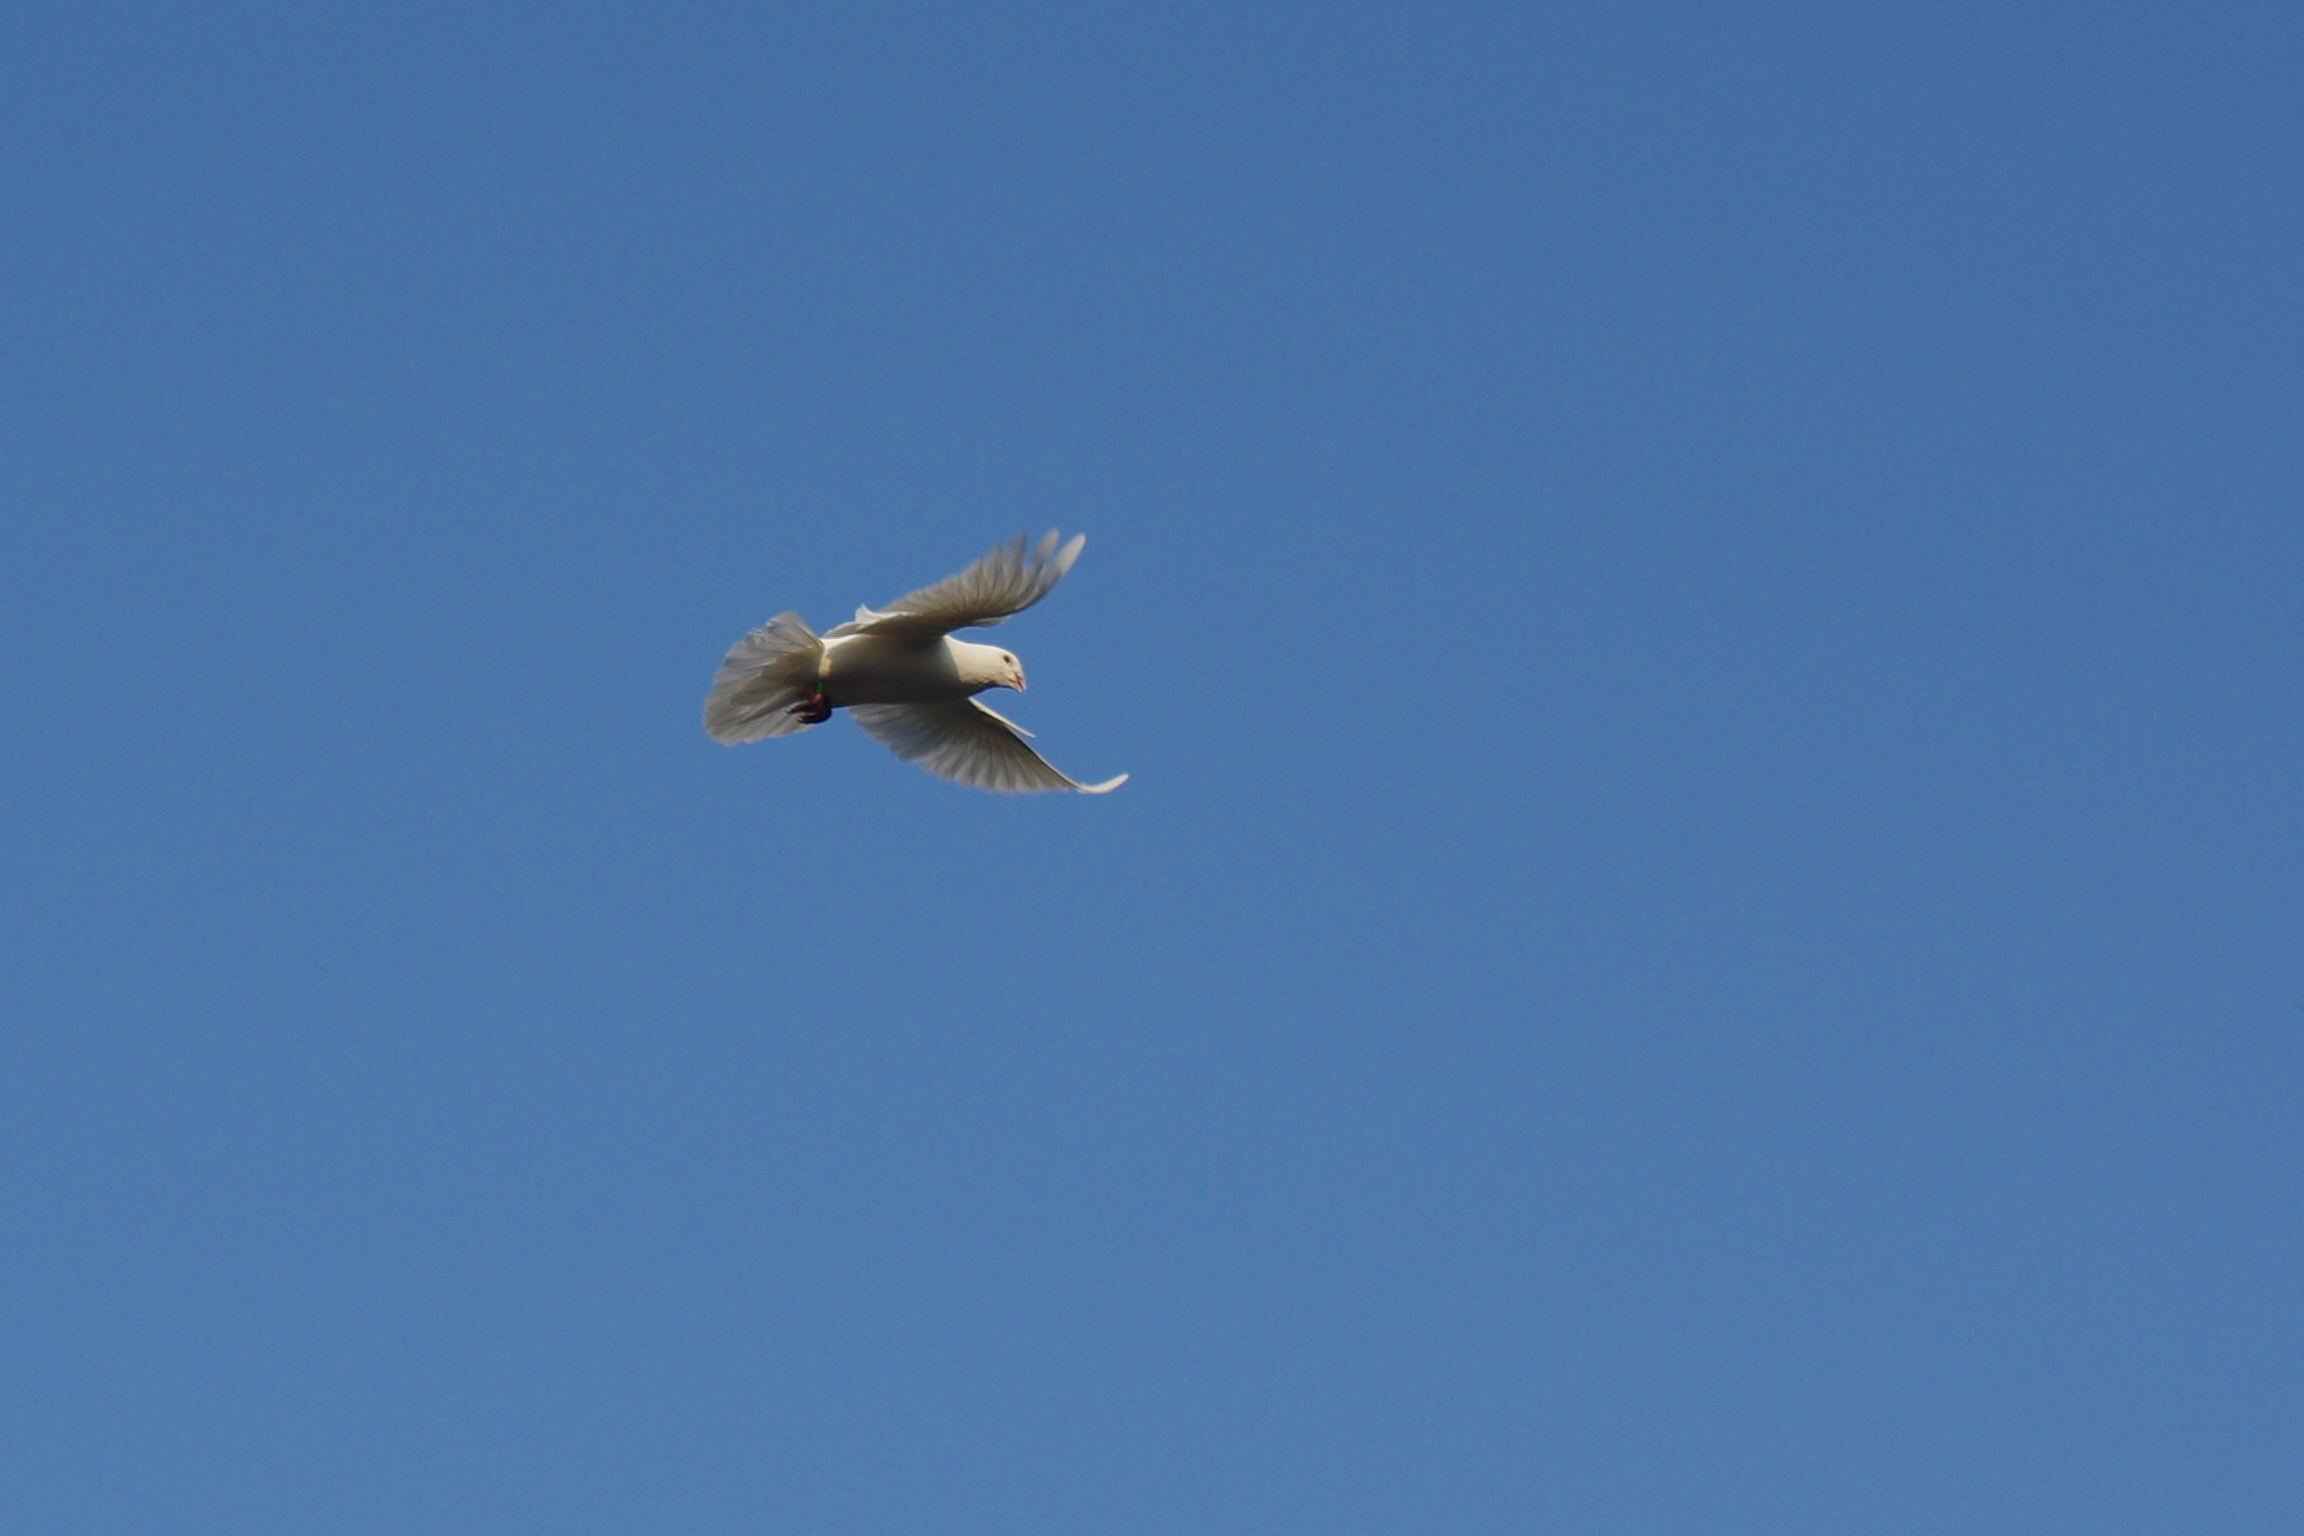 有空就打打鴿子